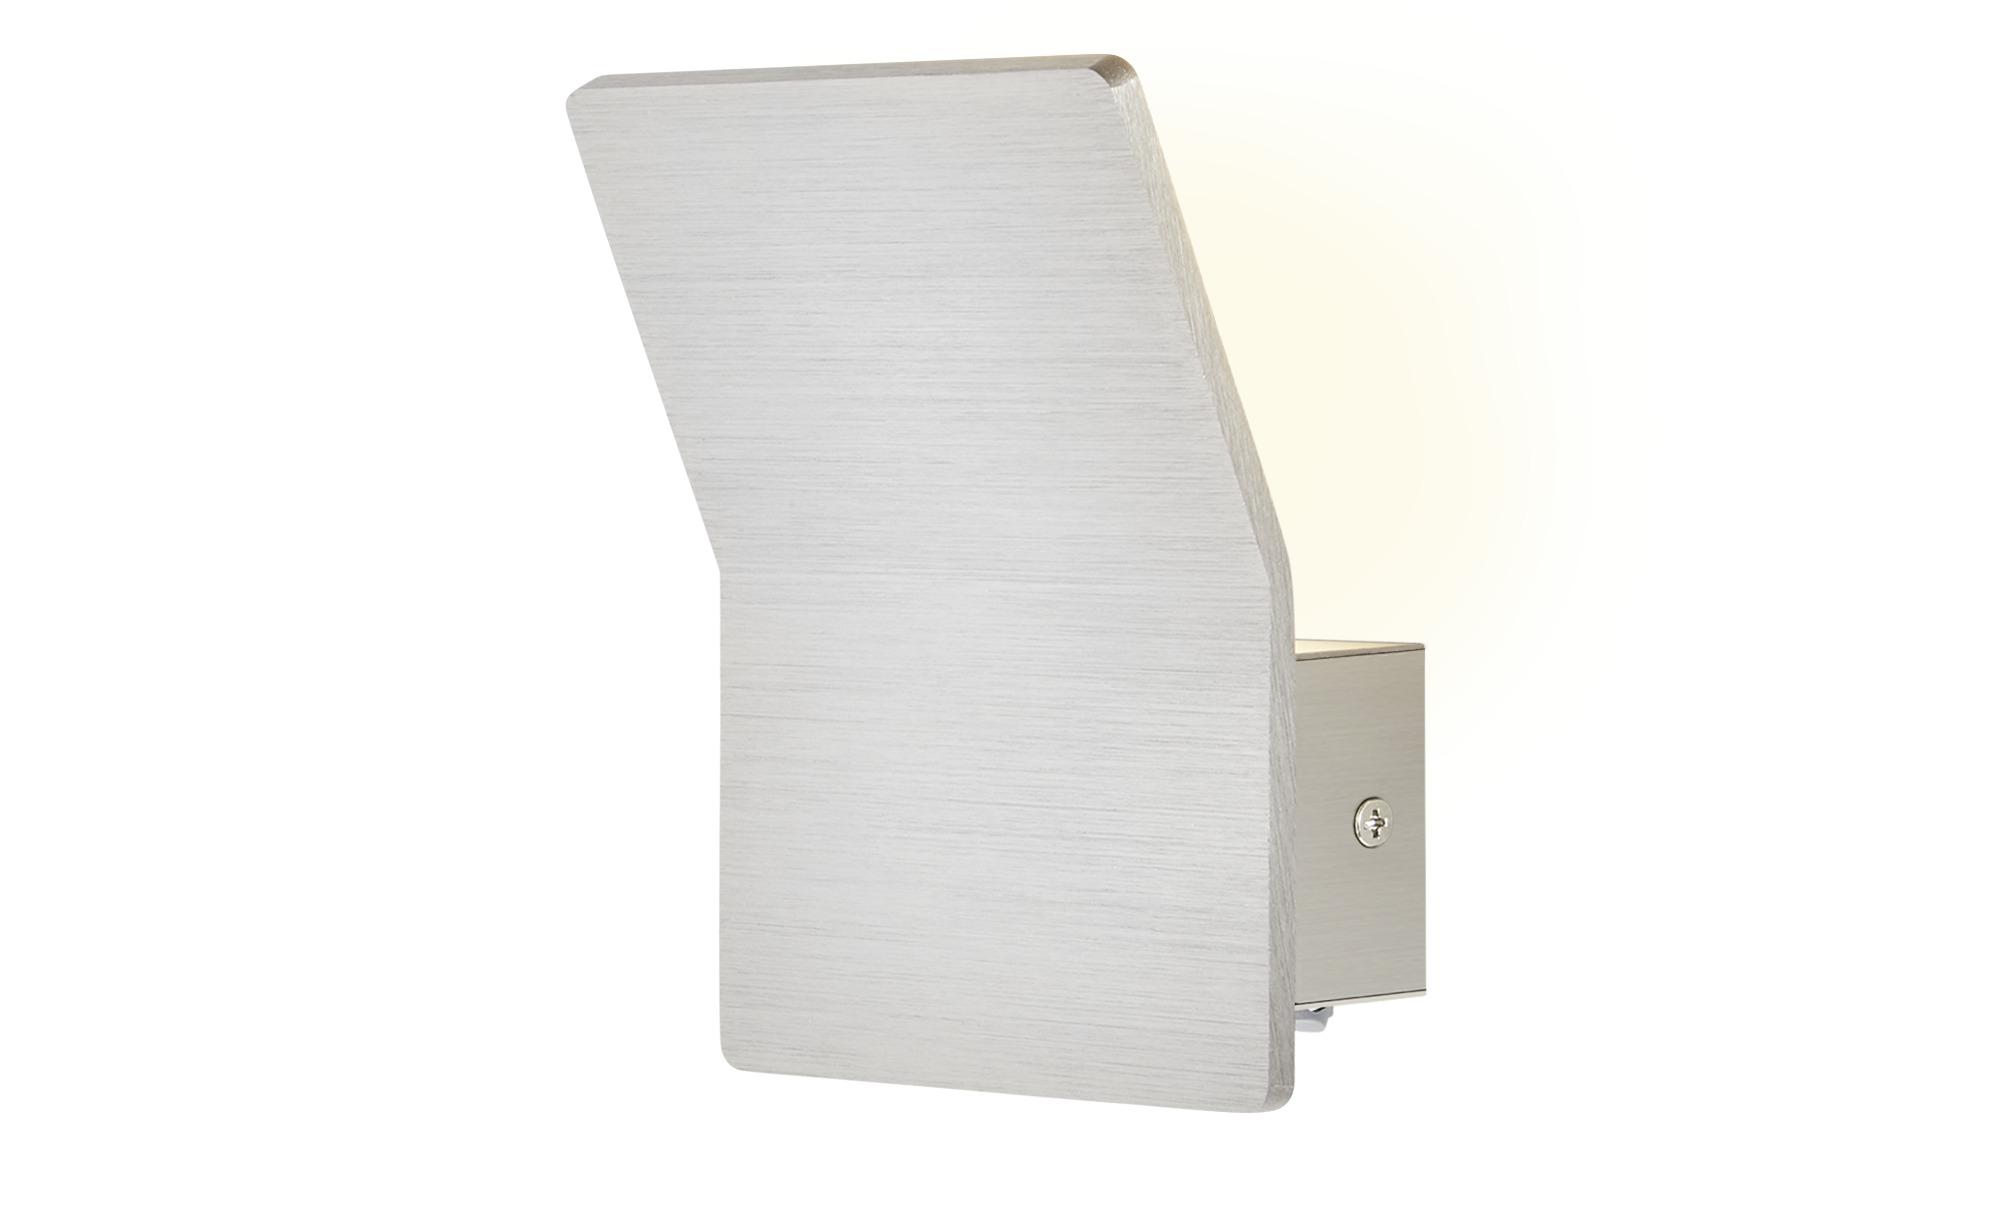 ML LED-Wandleuchte, 1-flammig Nickel matt ¦ silber ¦ Maße (cm): B: 12 H: 7 Lampen & Leuchten > Innenleuchten > Wandleuchten - Höffner